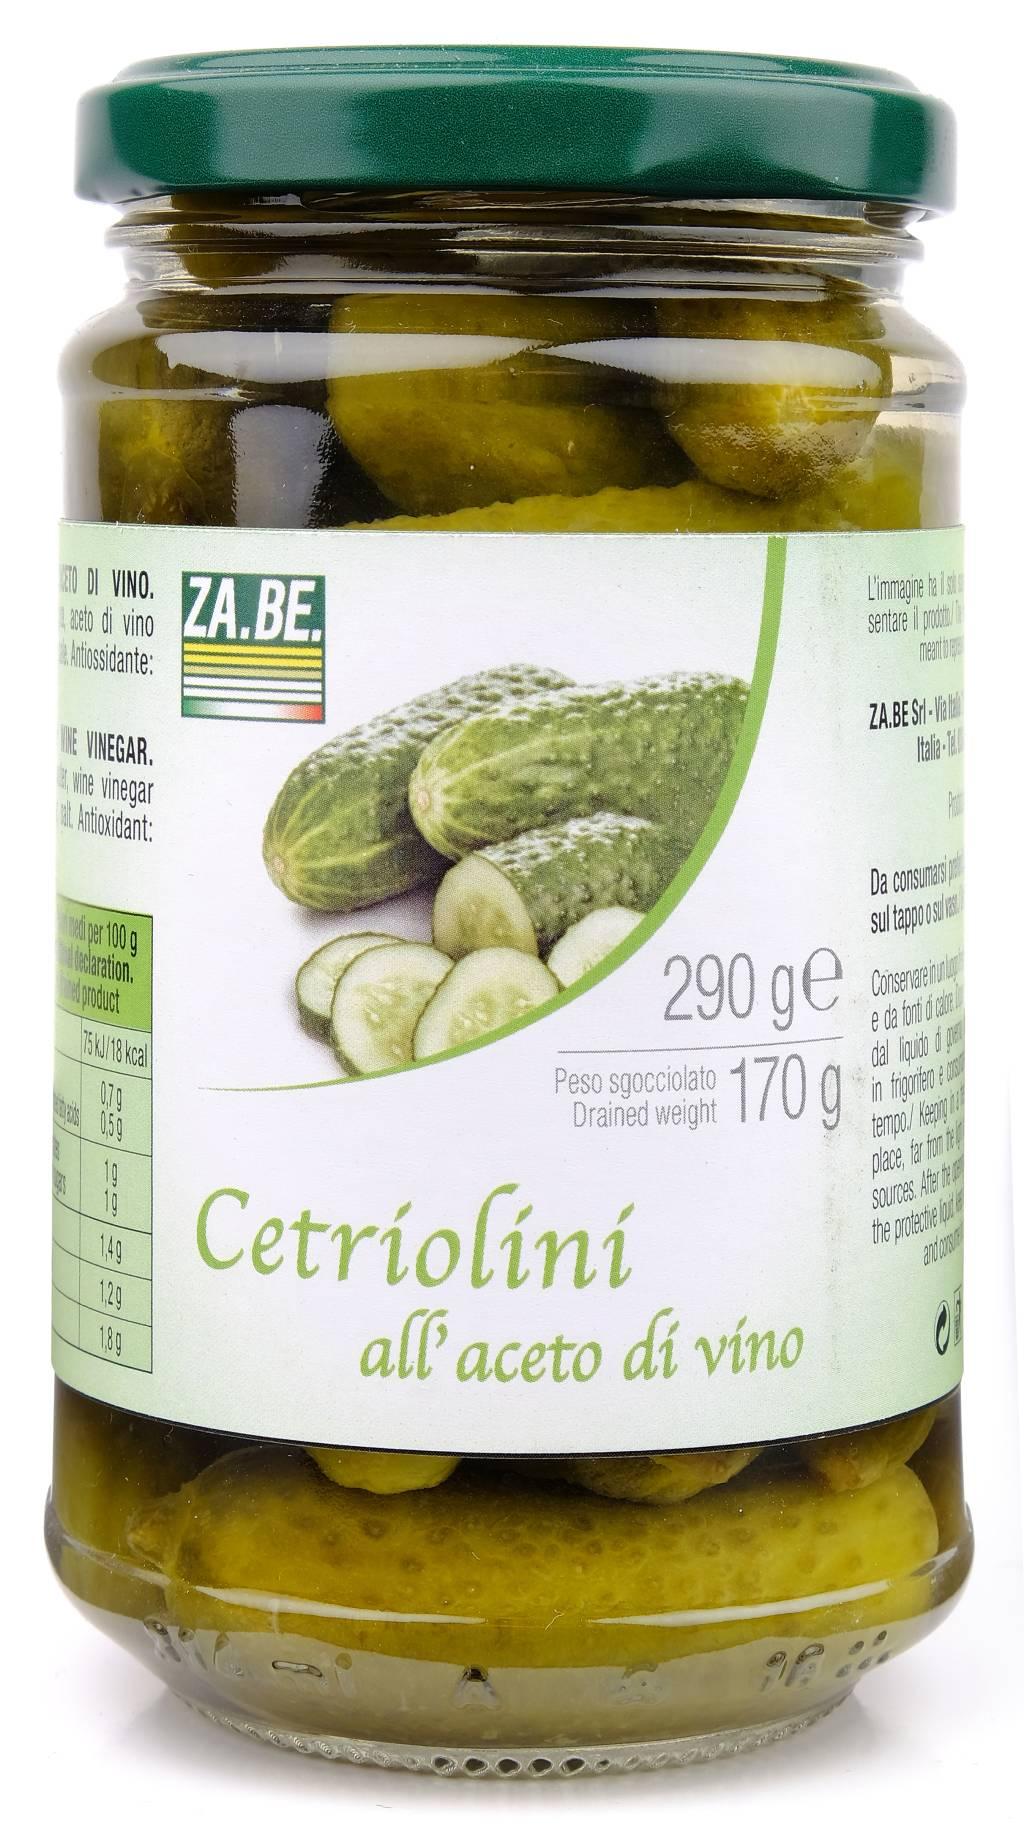 Cetriolini All'aceto